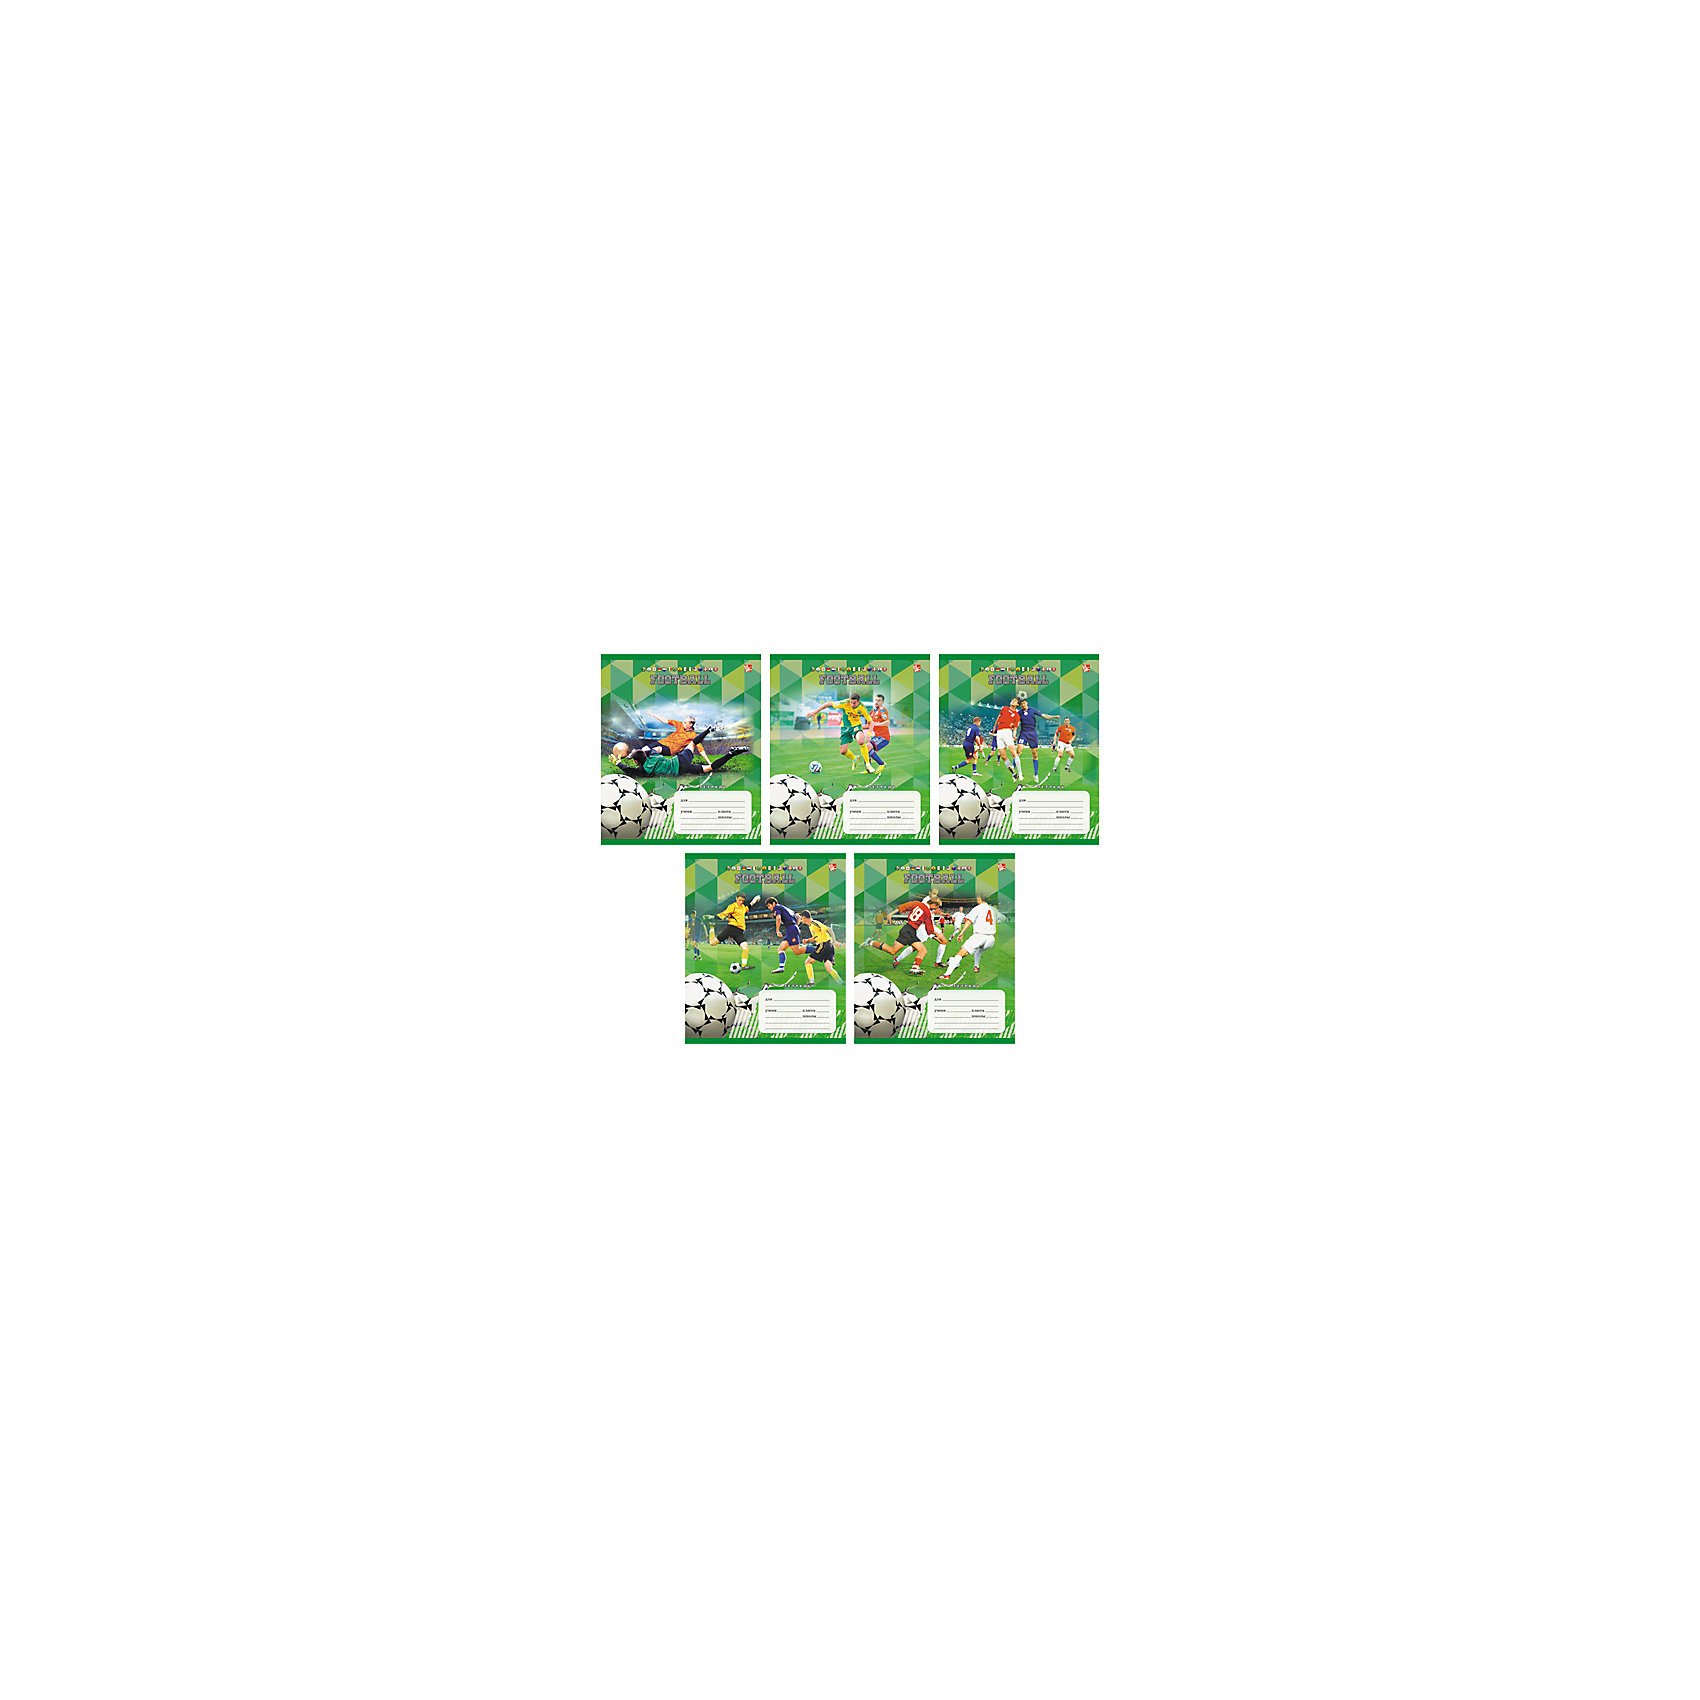 Тетрадь в клетку  Футбол, 12лФутбол - замечательный набор тетрадей в клетку. В каждой тетради 12 листов, обложки с разным оформлением с изображением лучших футбольных моментов. С такими тетрадками ребенок будет ходить в школу с удовольствием!<br><br>Дополнительная информация:<br>Обложка: мелованный картон<br>Количество листов: 12<br>Скрепление: скрепка<br>Бумага: офсет, плотностью 60 г/м2<br>Тетради в клетку Футбол можно купить в нашем интернет-магазине.<br><br>Ширина мм: 210<br>Глубина мм: 148<br>Высота мм: 3<br>Вес г: 39<br>Возраст от месяцев: 72<br>Возраст до месяцев: 2147483647<br>Пол: Унисекс<br>Возраст: Детский<br>SKU: 4942487